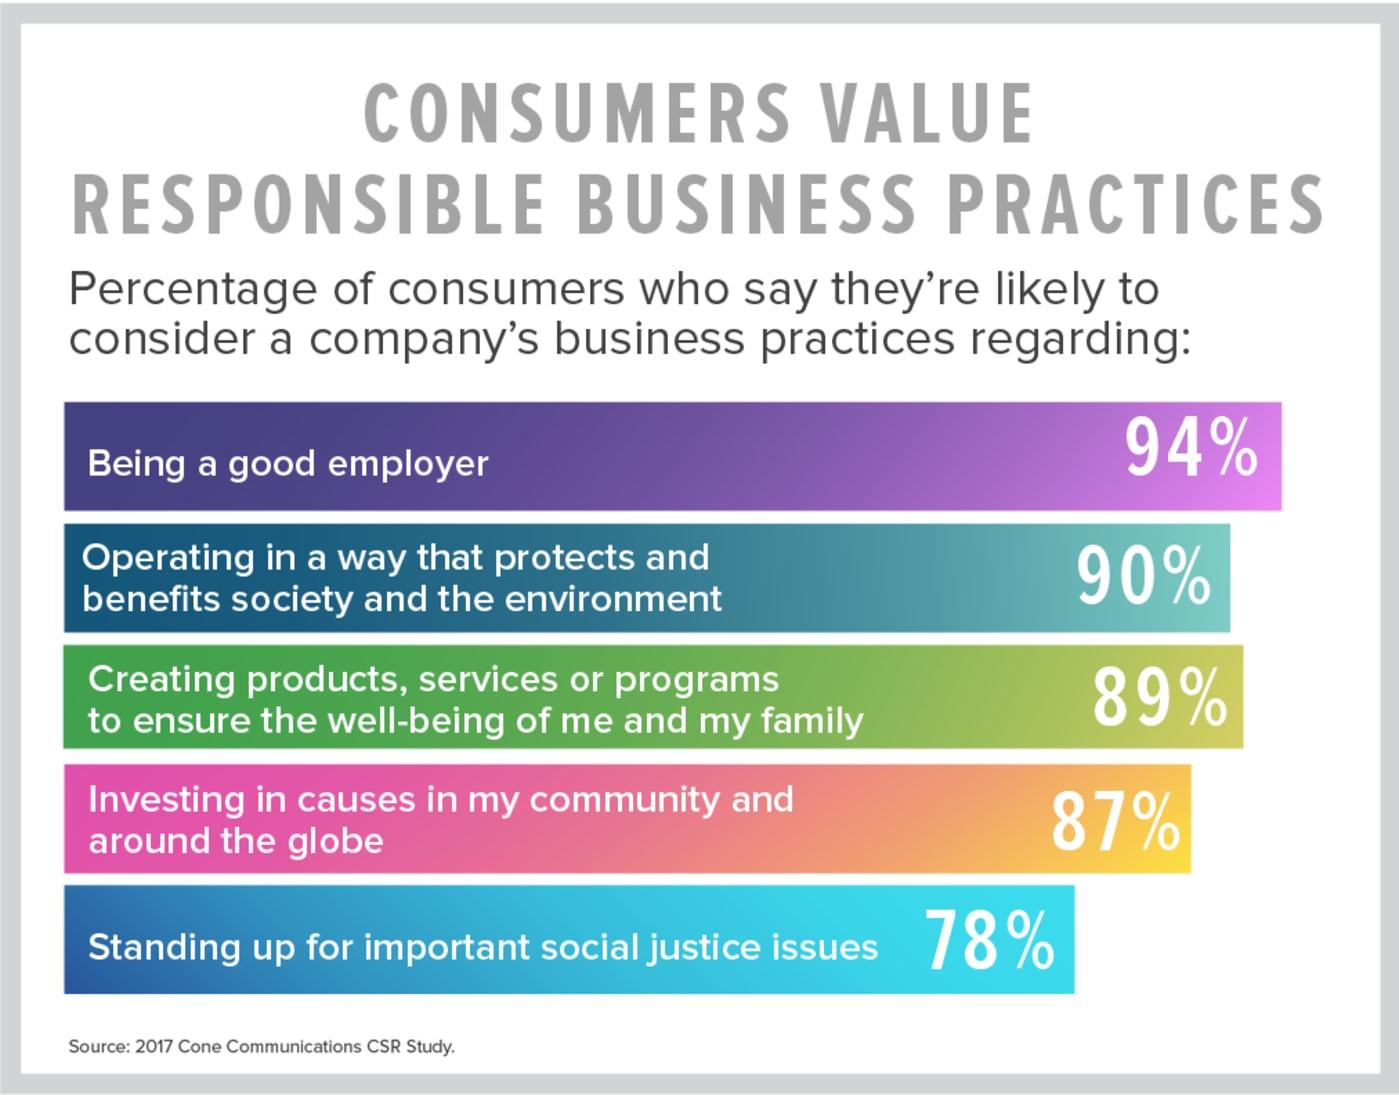 Consumers value